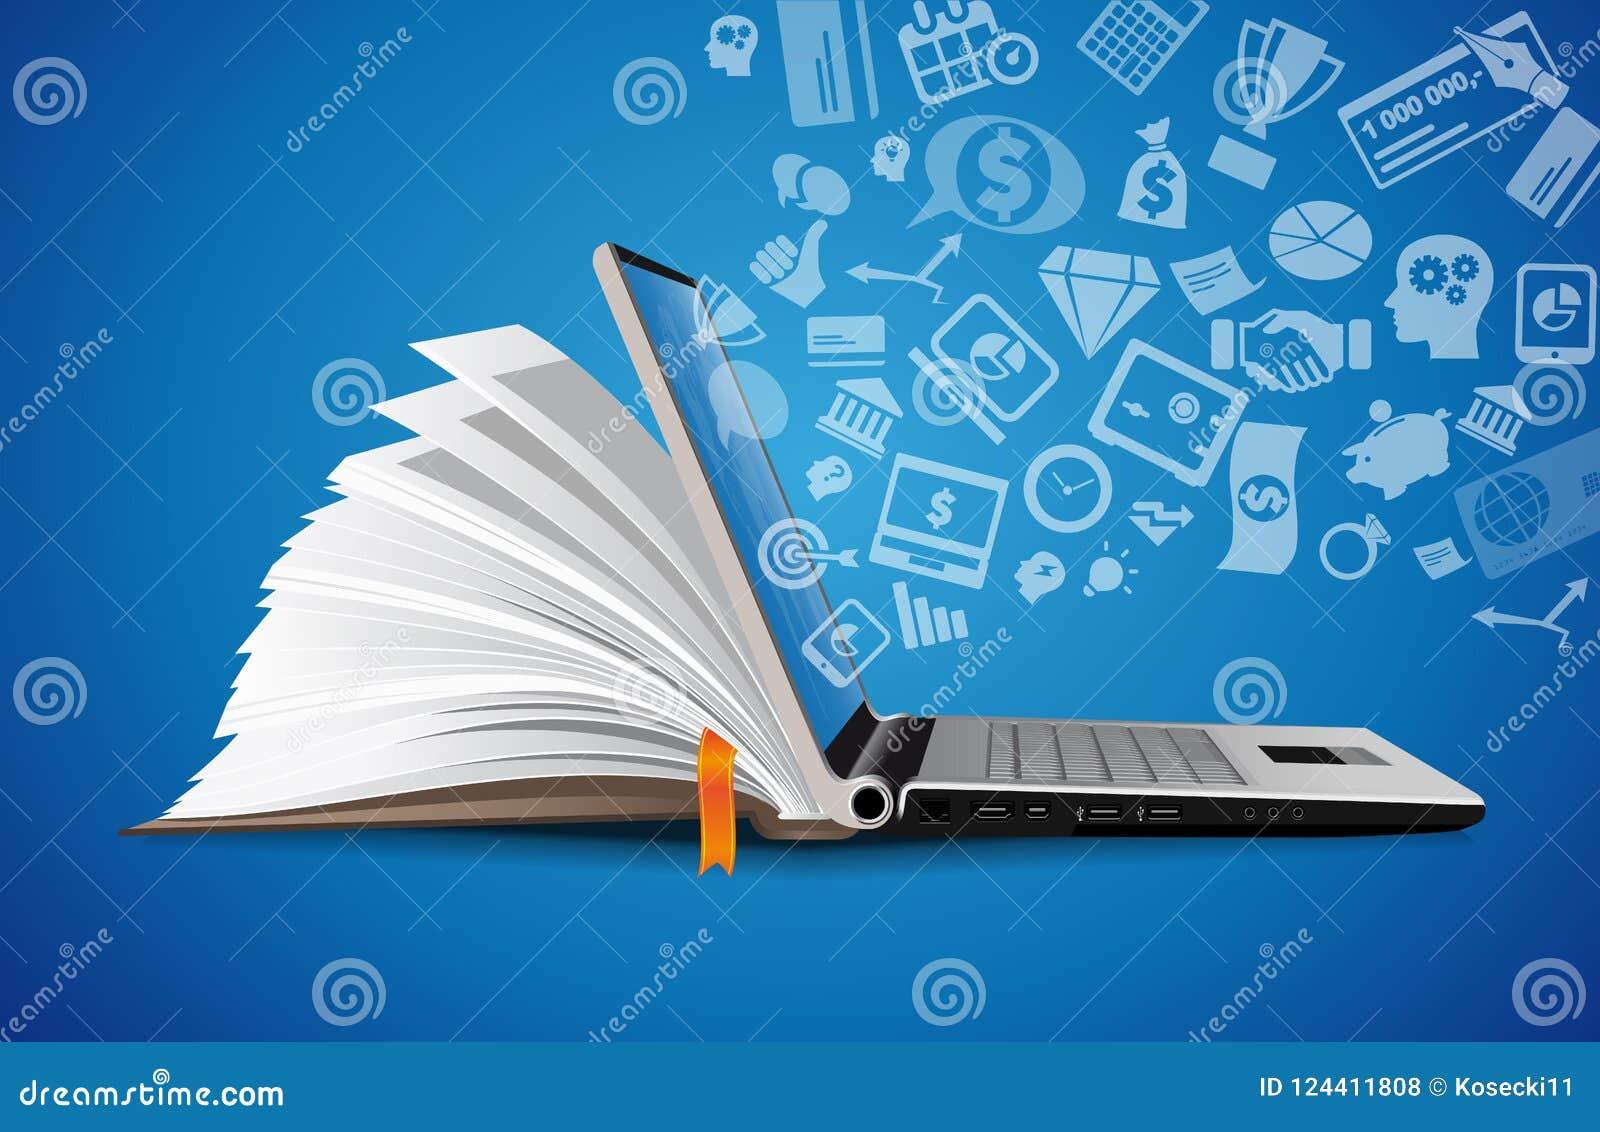 Computer come concetto della base di cultura letteraria - computer portatile come elearning